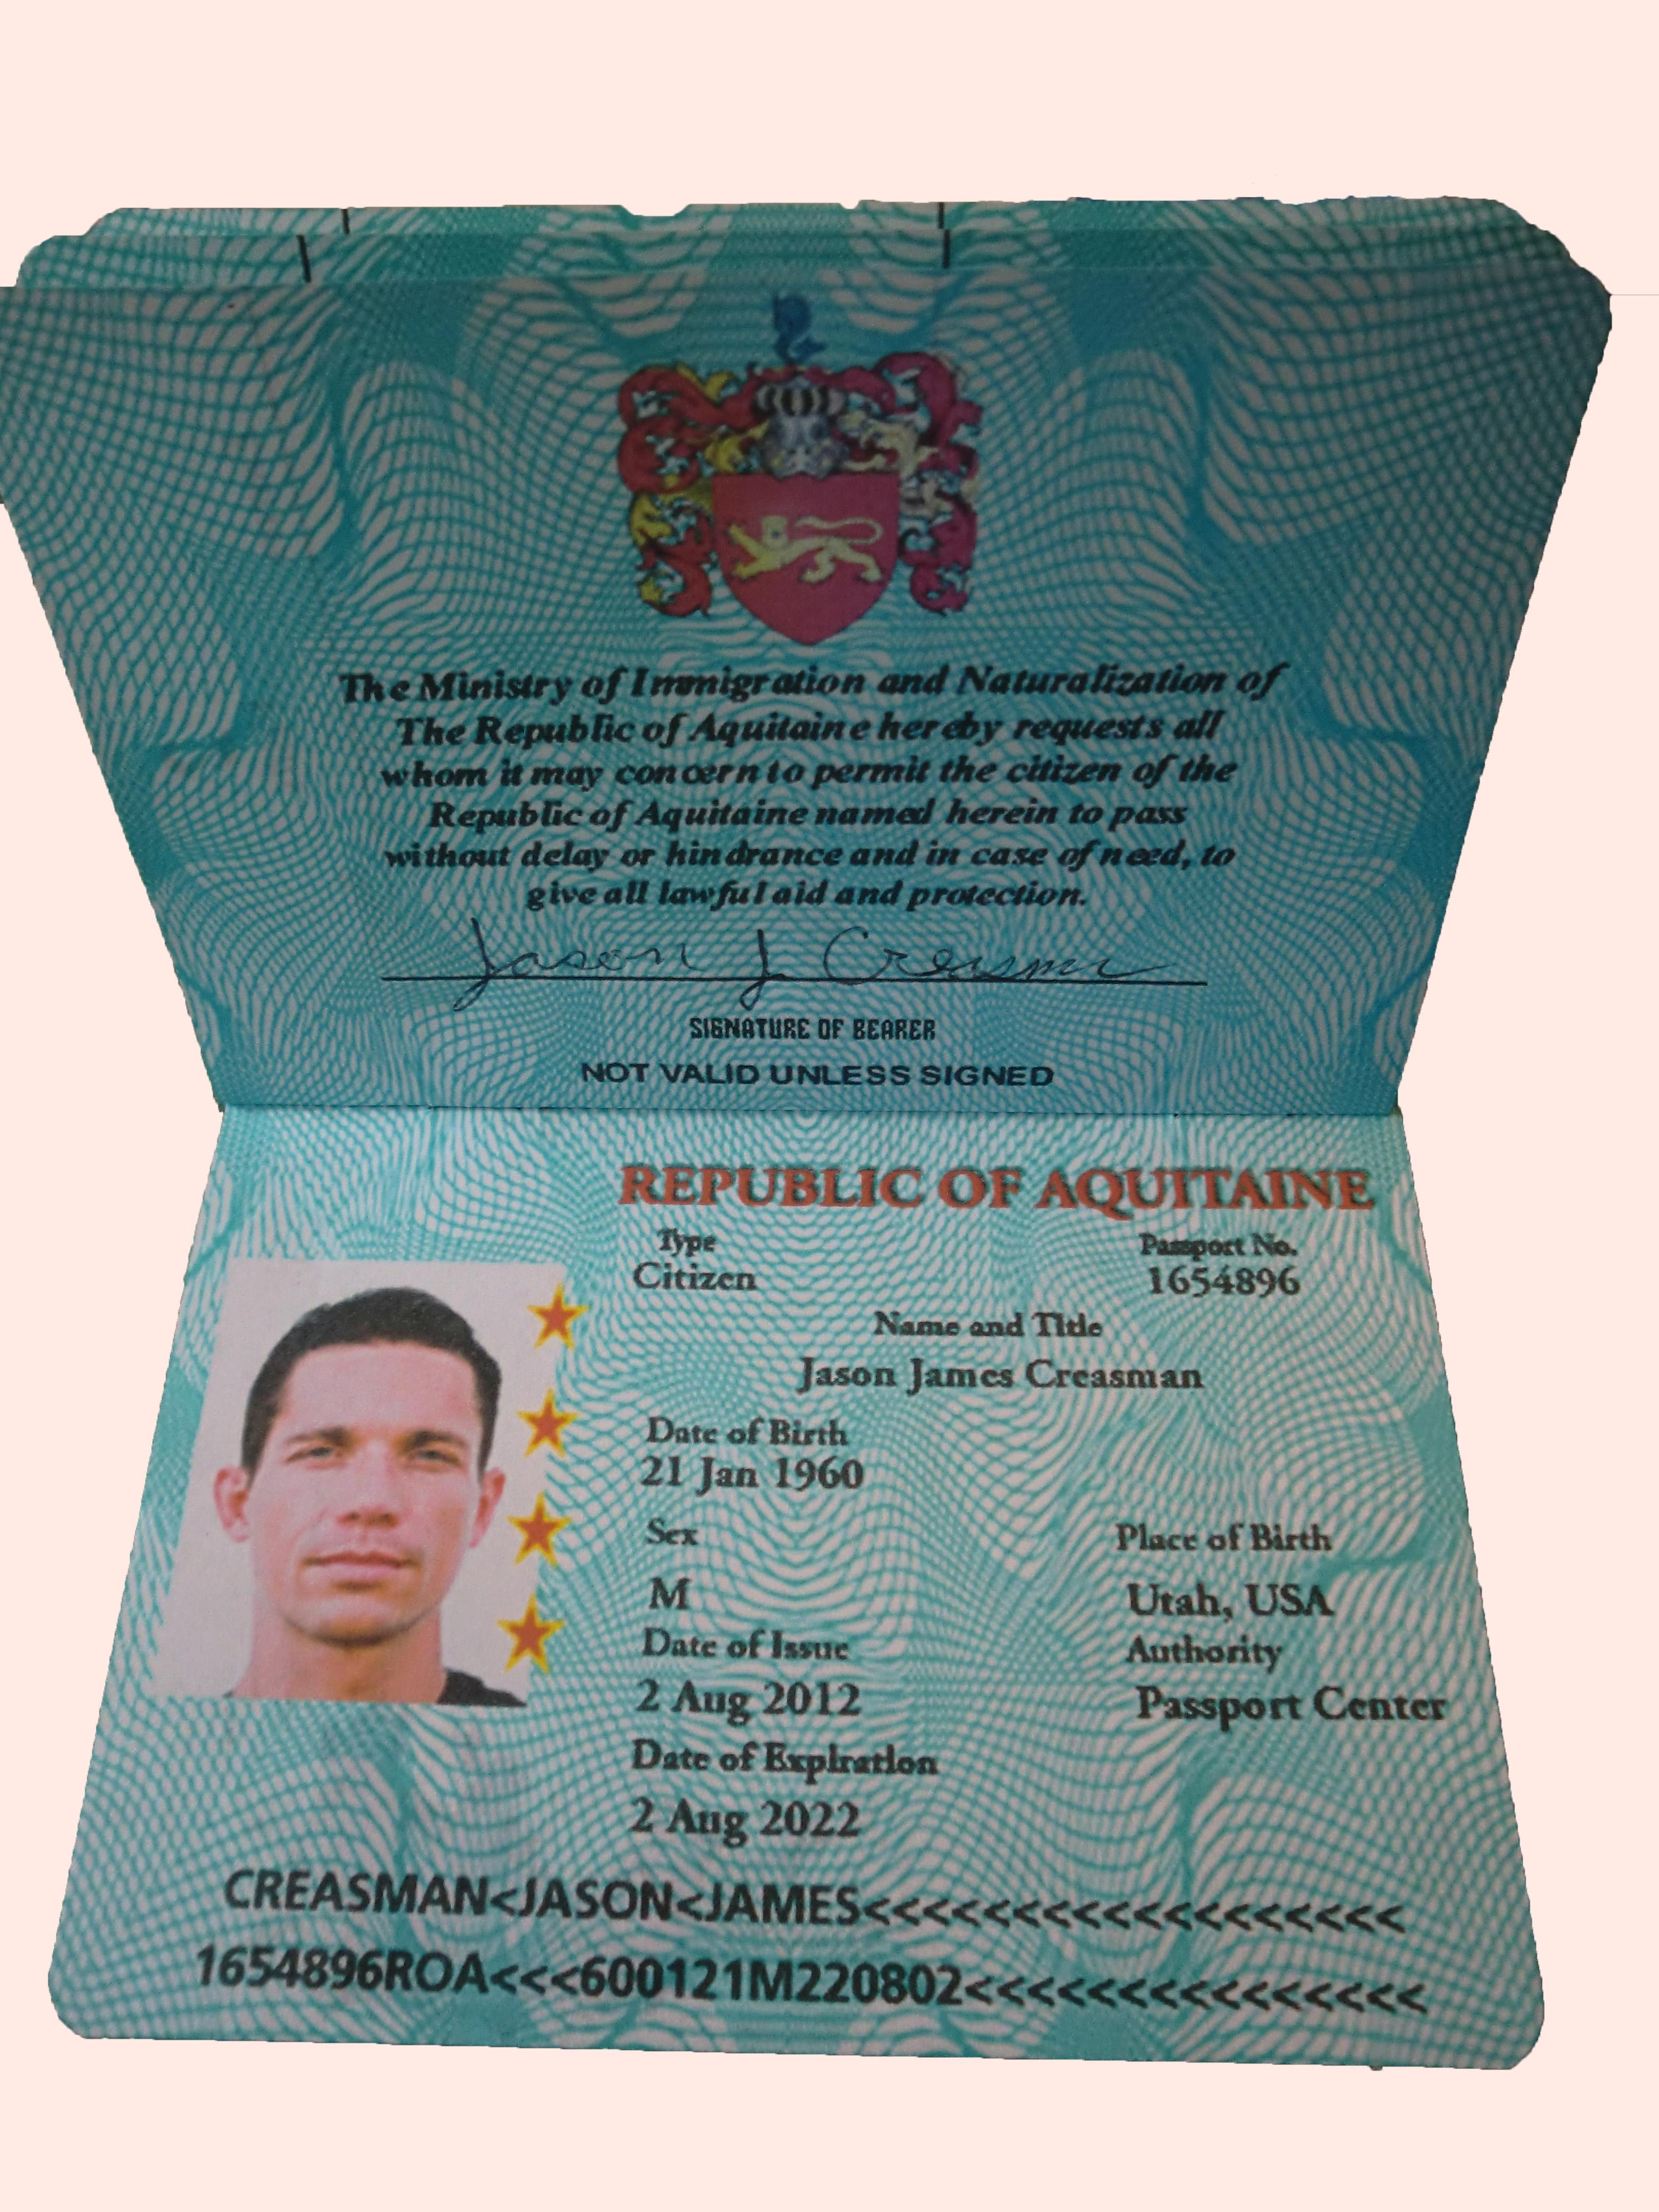 Passports Of The Republic Of Aquitaine